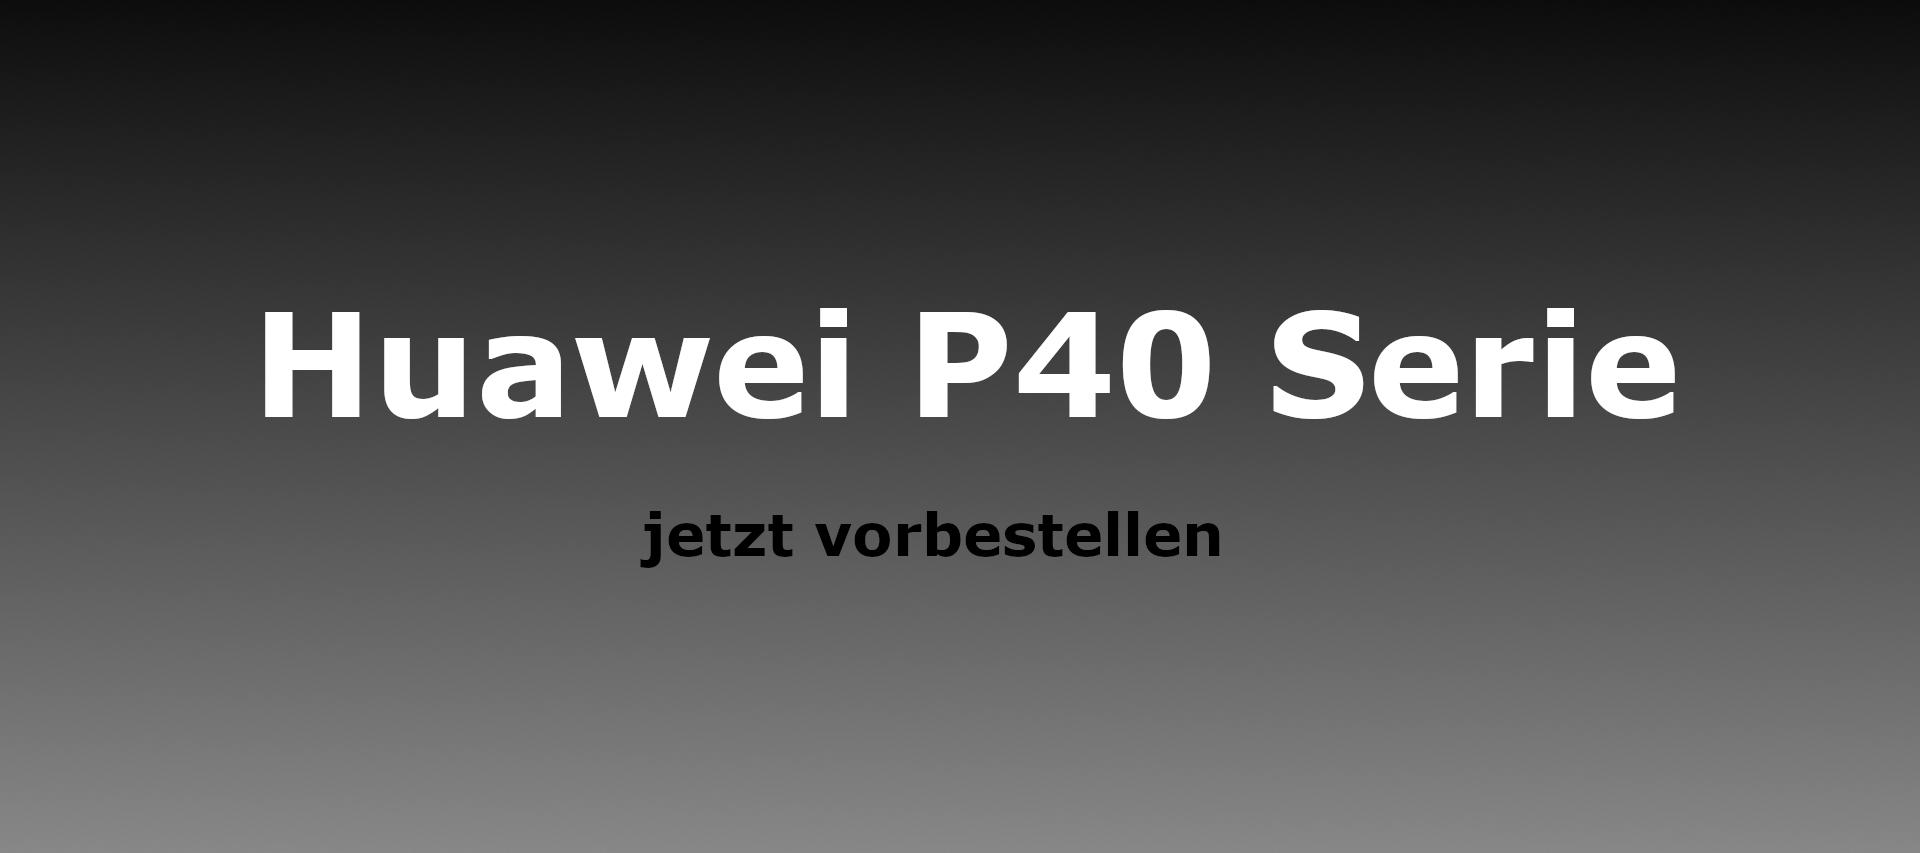 Die P40 Reihe von Huawei kommt - alle Infos zum Verkaufsstart + Bundle-Aktion